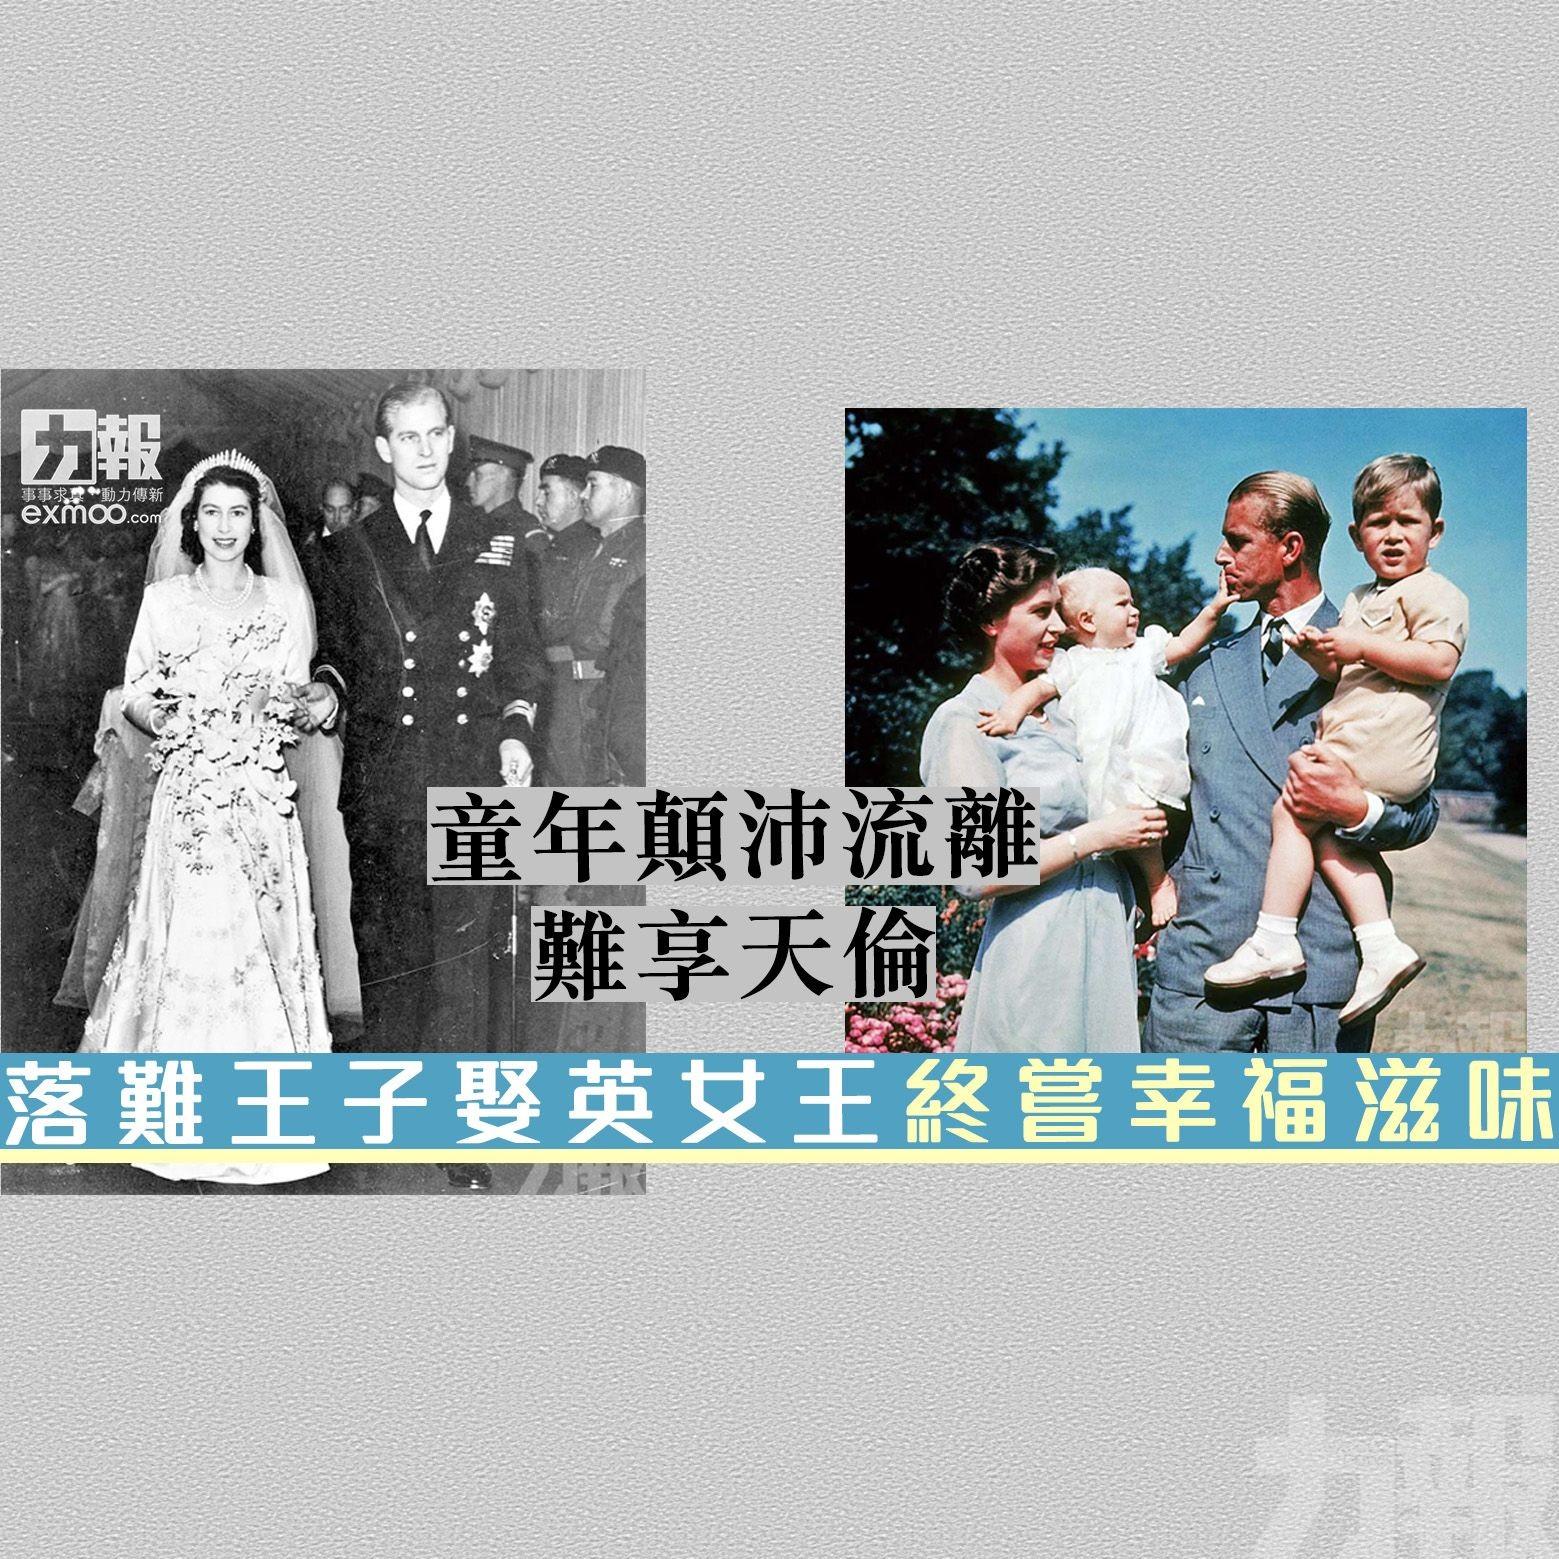 落難王子娶英女王終嘗幸福滋味